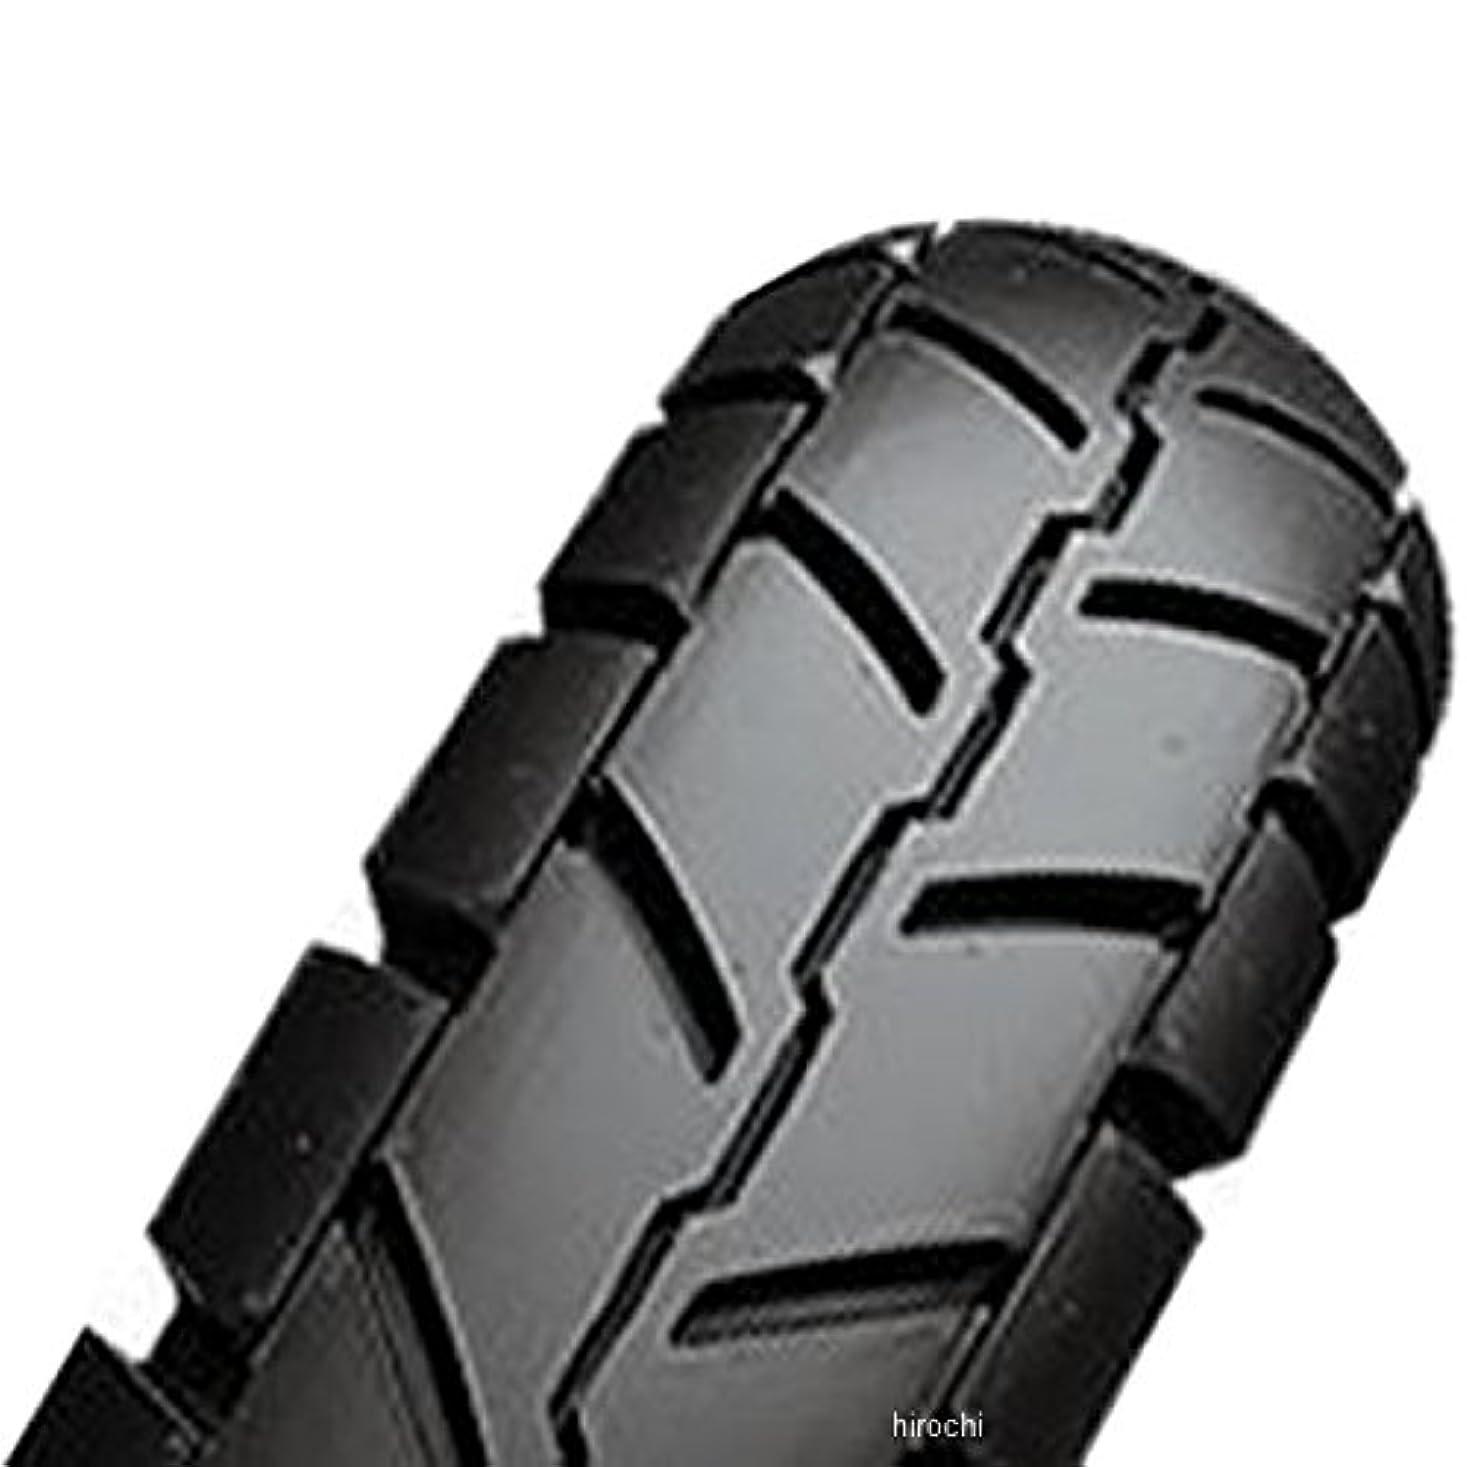 アウター含める休日にBRIDGESTONE(ブリヂストン) バイク用タイヤ BATTLE WING BW-202 (REAR) 4.10-18 59P W MCS09916